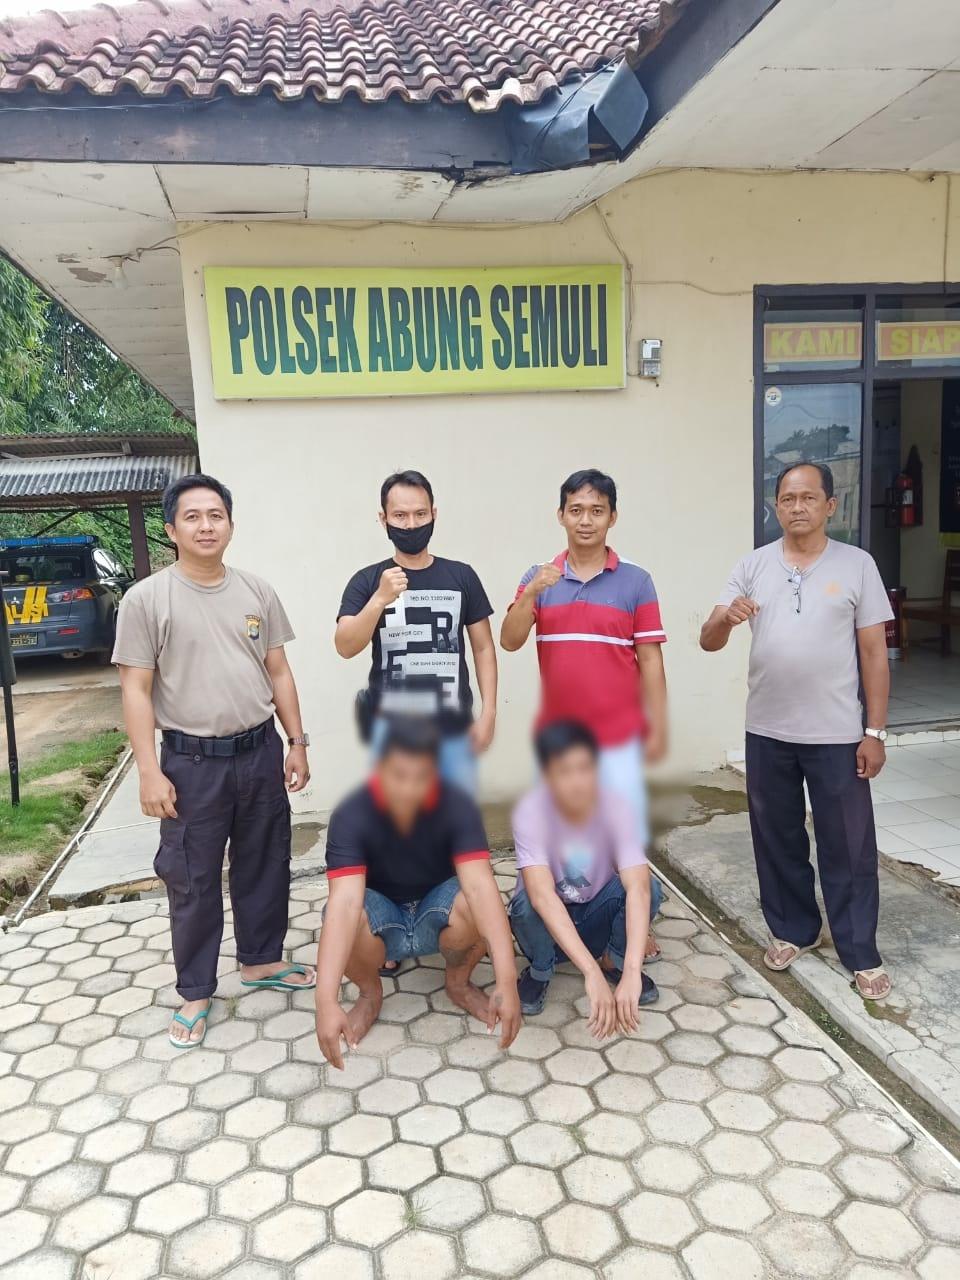 Dua Pelaku curas Berhasil di Ringkus Polsek Abung Semuli